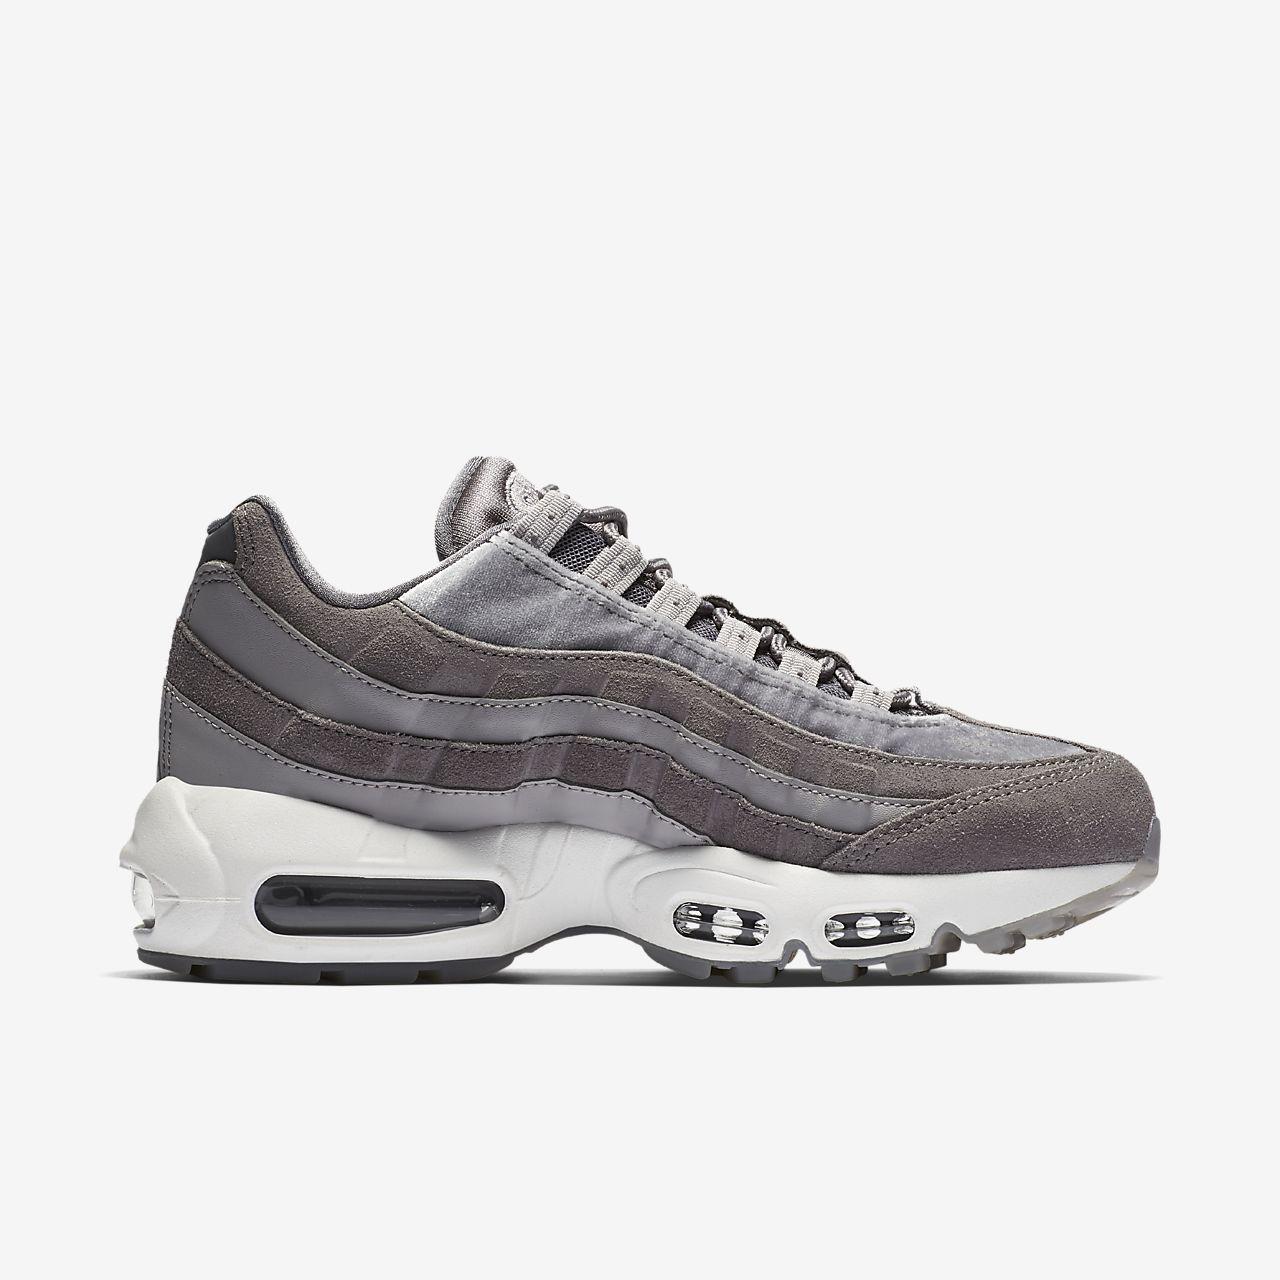 nike air max 95 dames grey